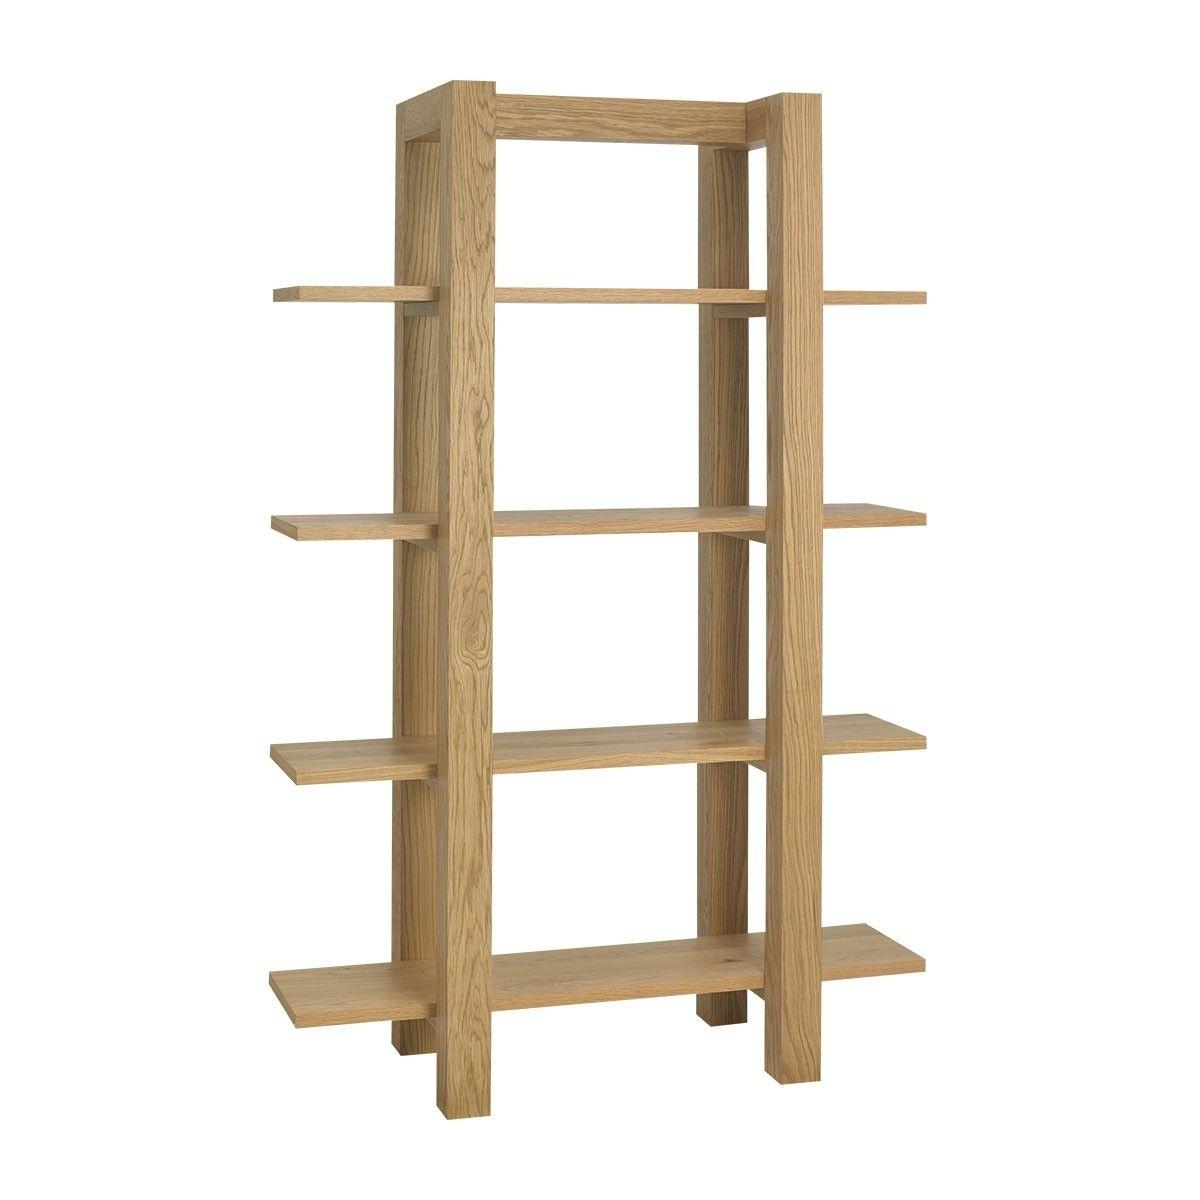 Mason Open Shelf Unit Open Shelving Shelves Oak Shelves